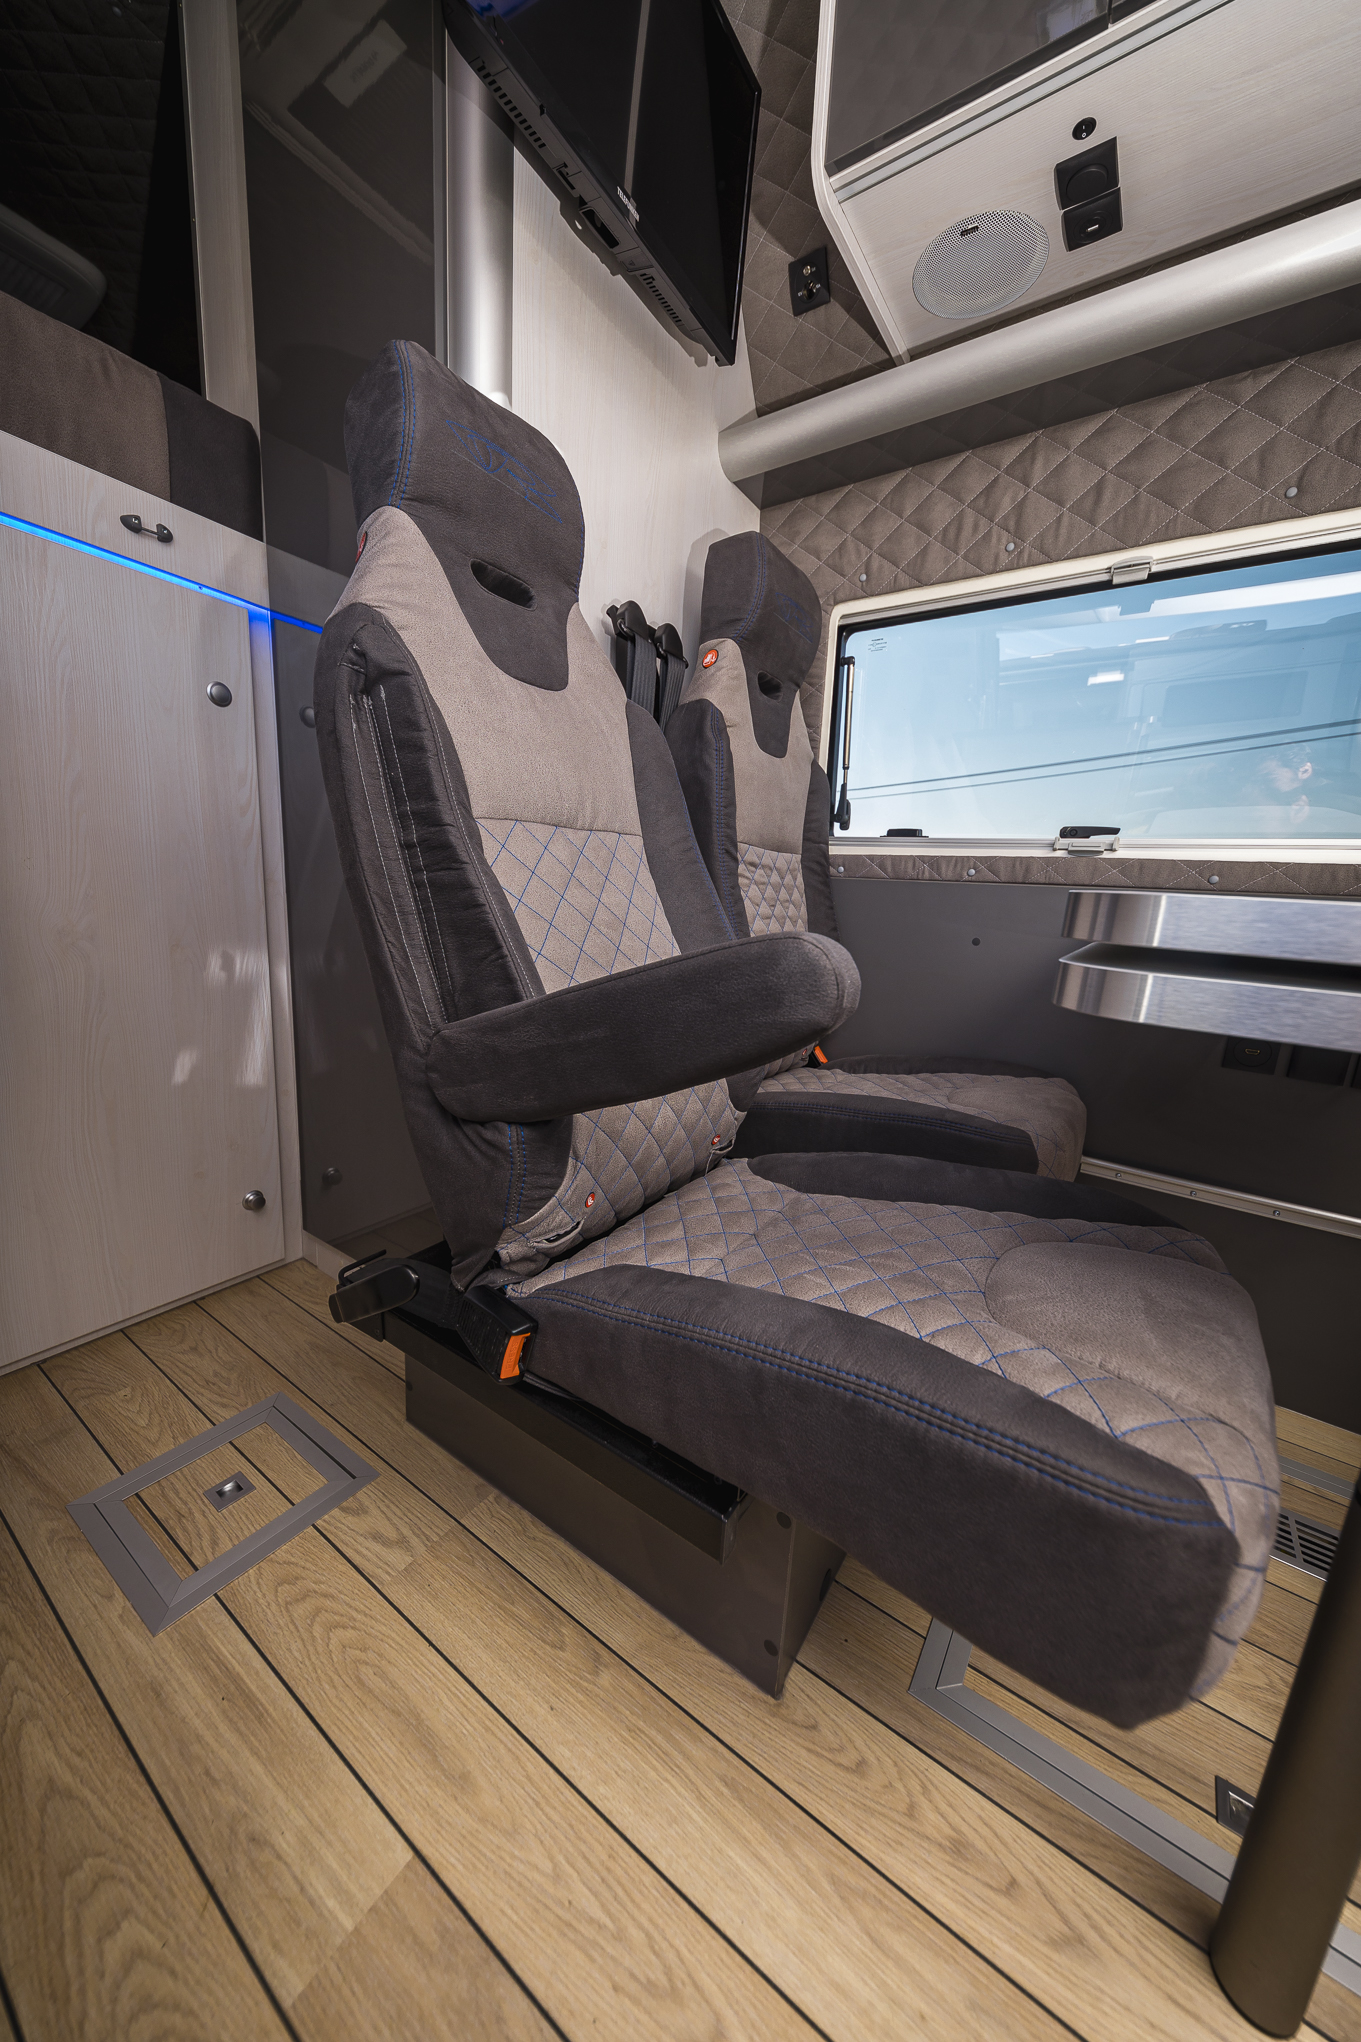 slideout sitzbank vr camper van racevan motorhomes doppelsitz luxus business